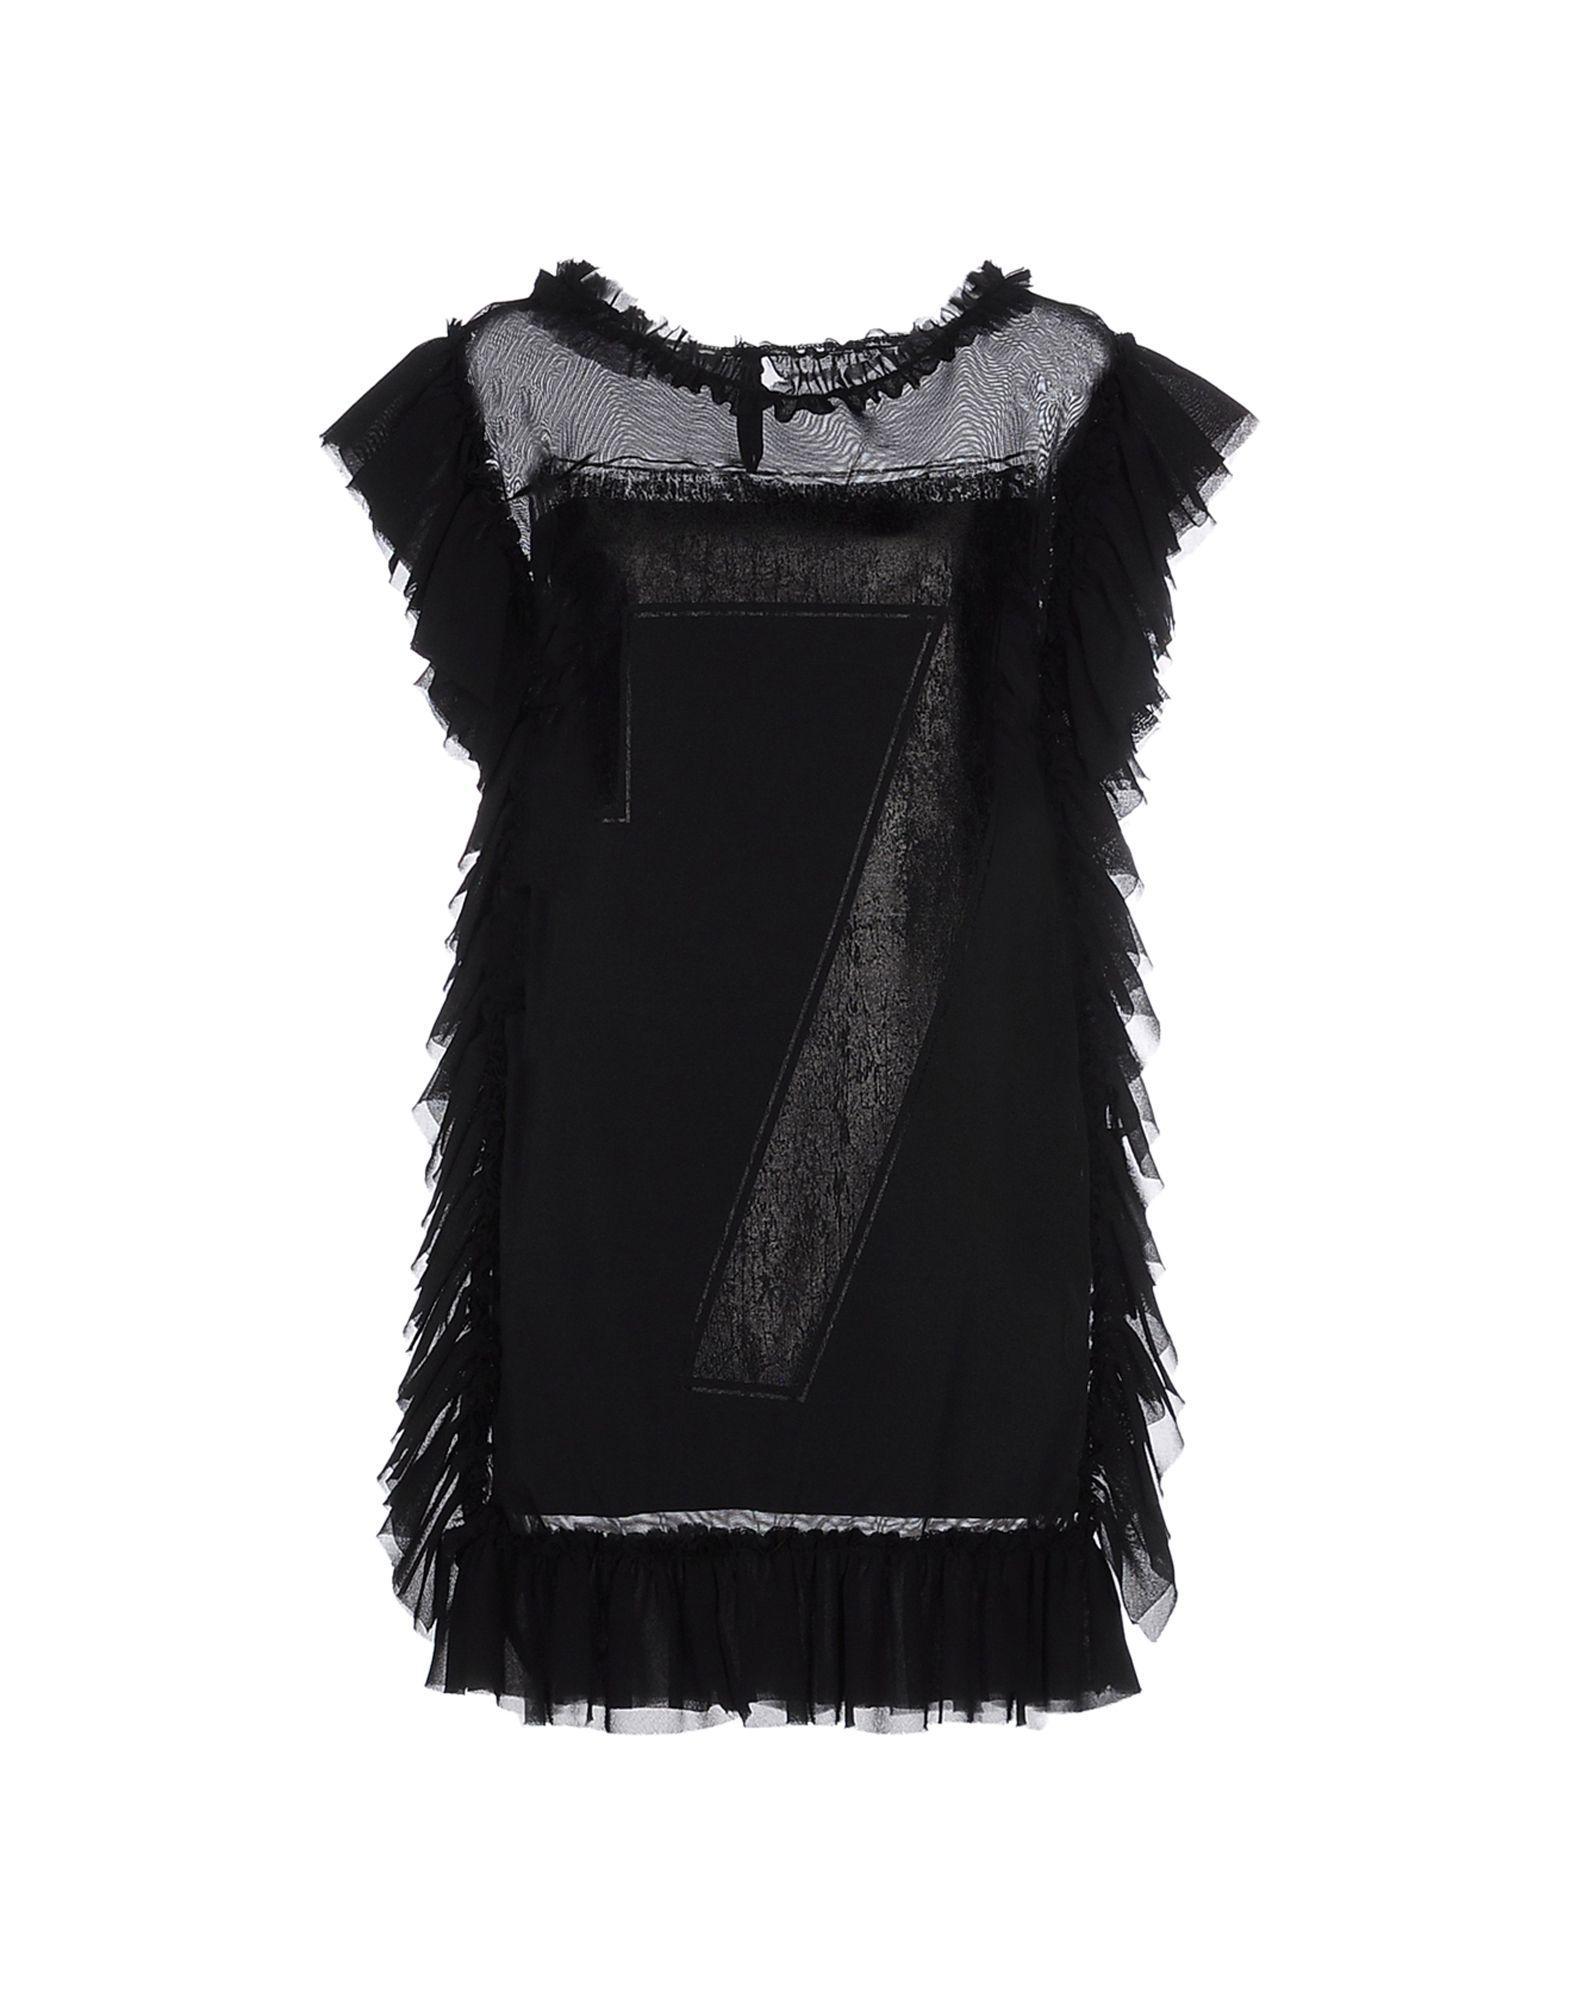 DRESSES - Short dresses Falorma tZakHITP